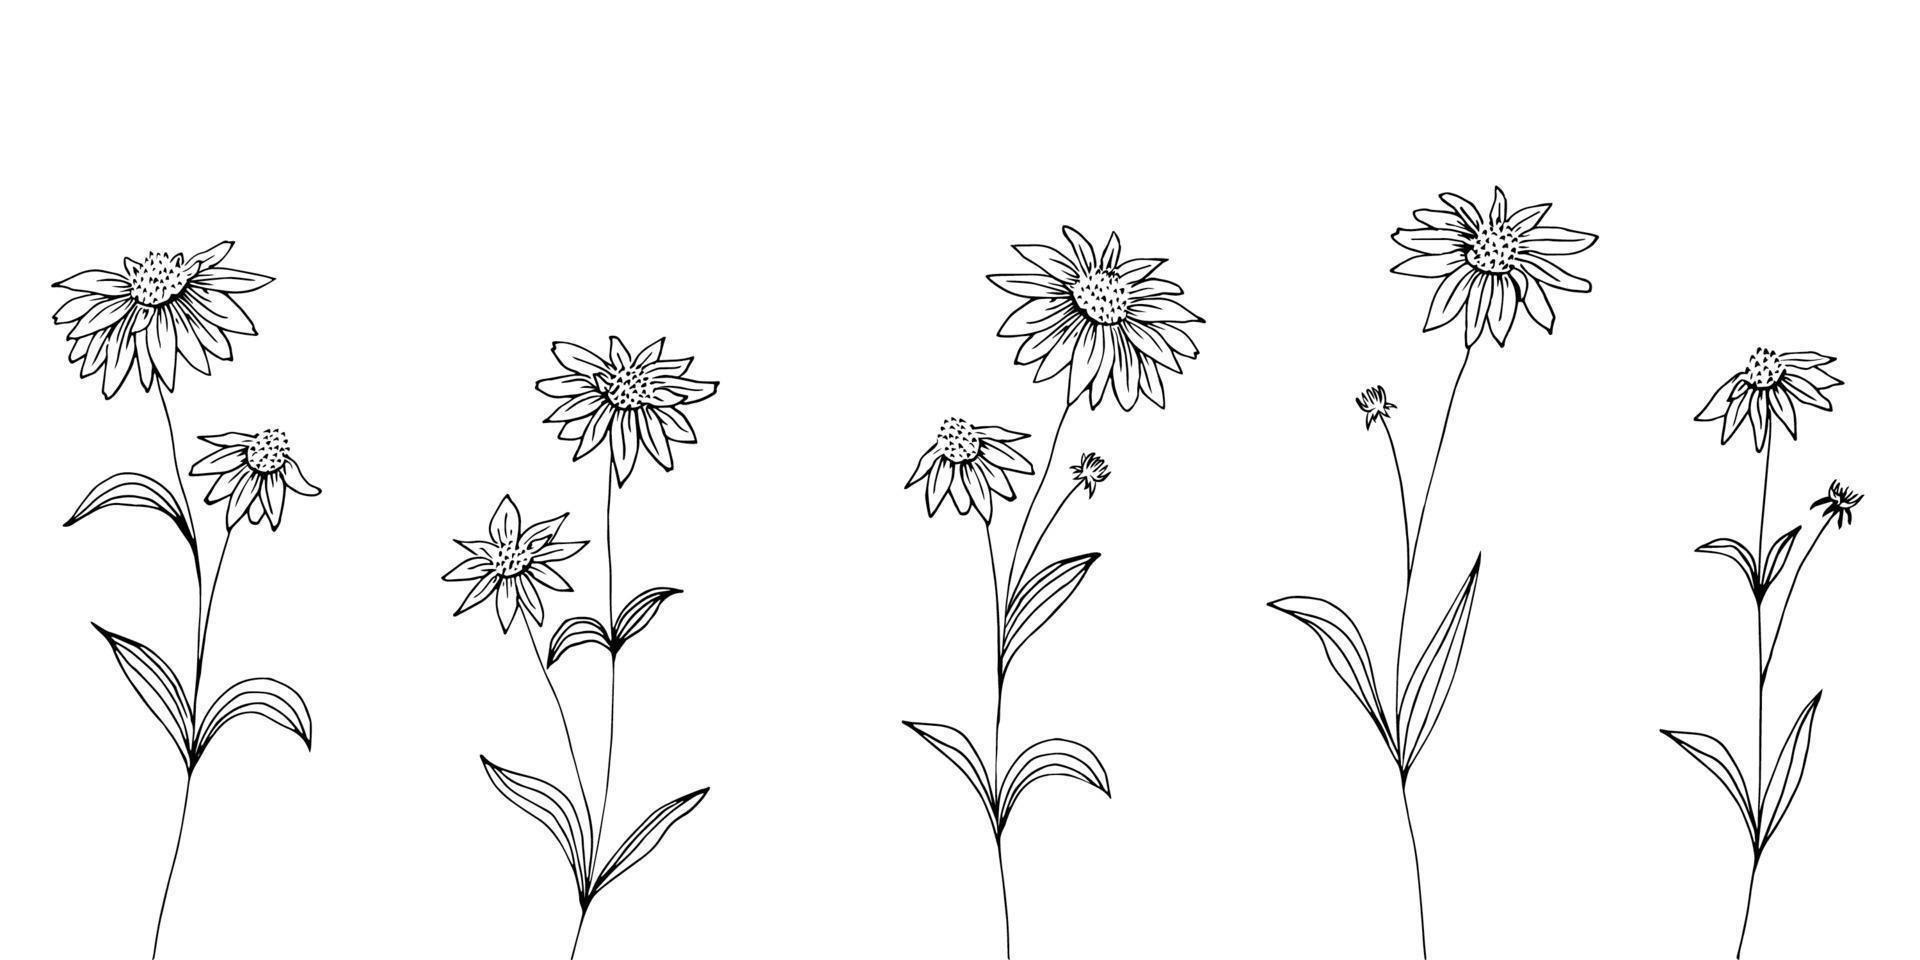 handritad uppsättning echinacea blommor. blommor och löv. medicinalväxt, örtteingrediens. vektor